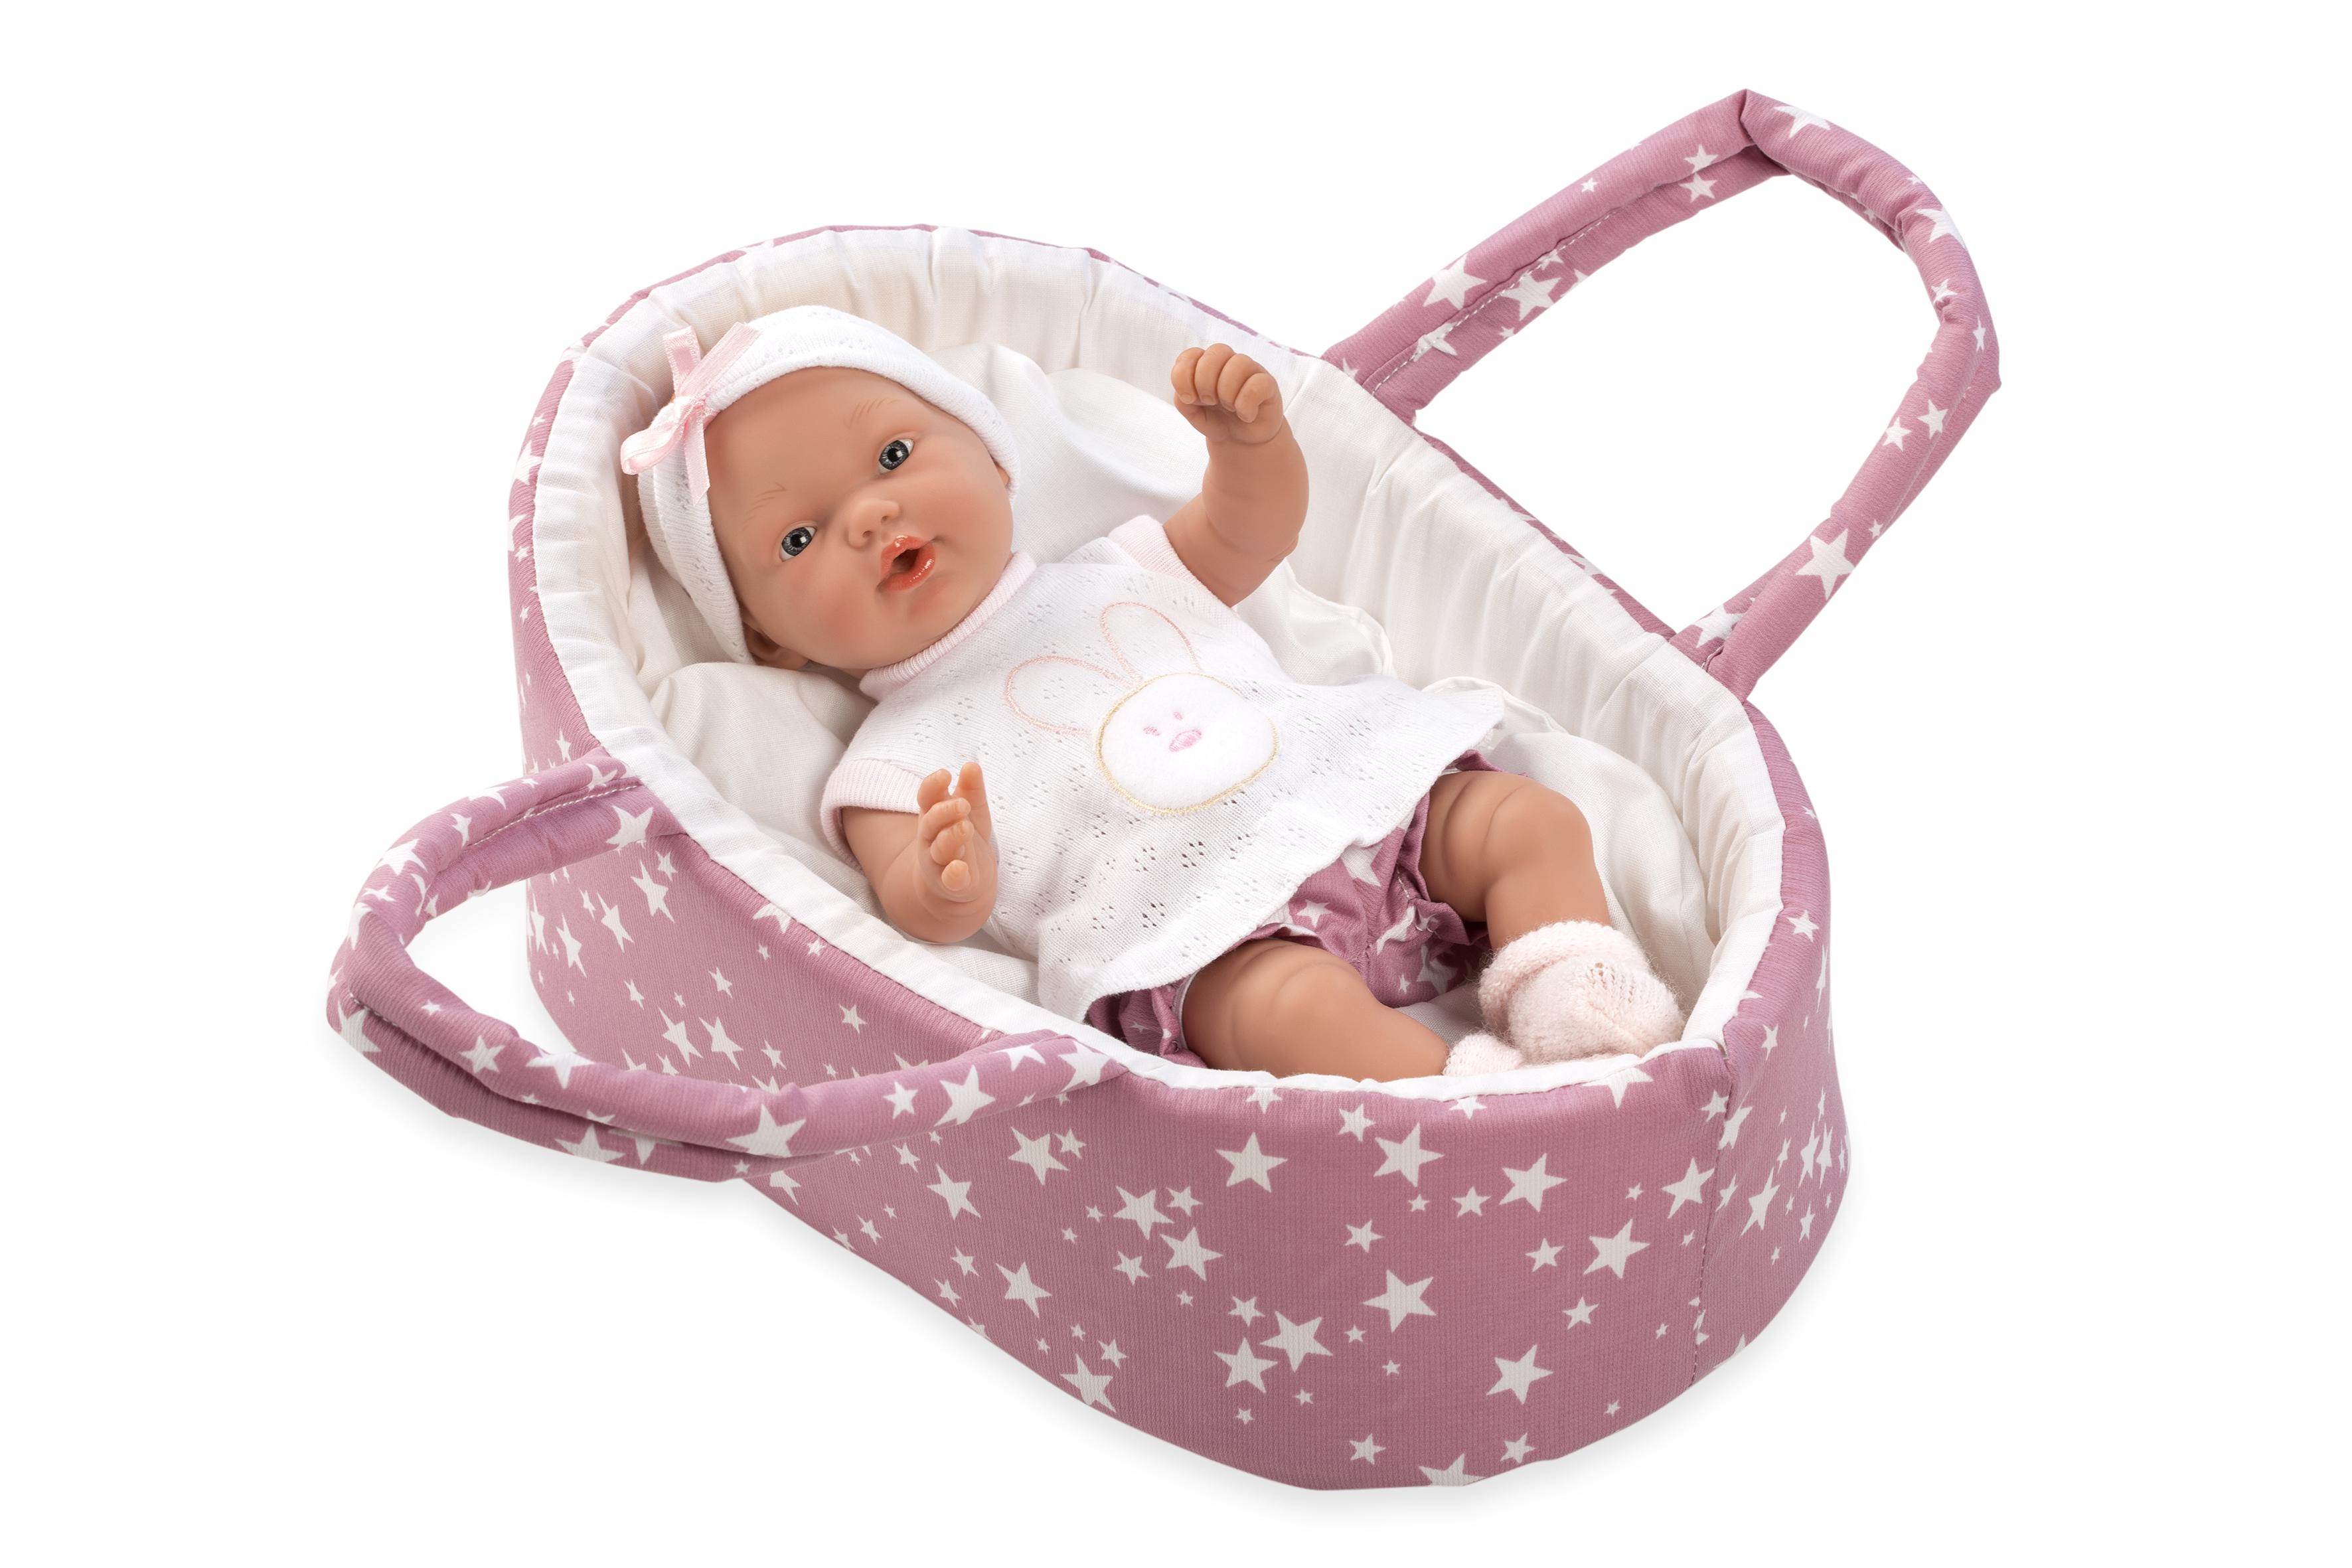 Arias kūdikėlis su nešykle, rožinė